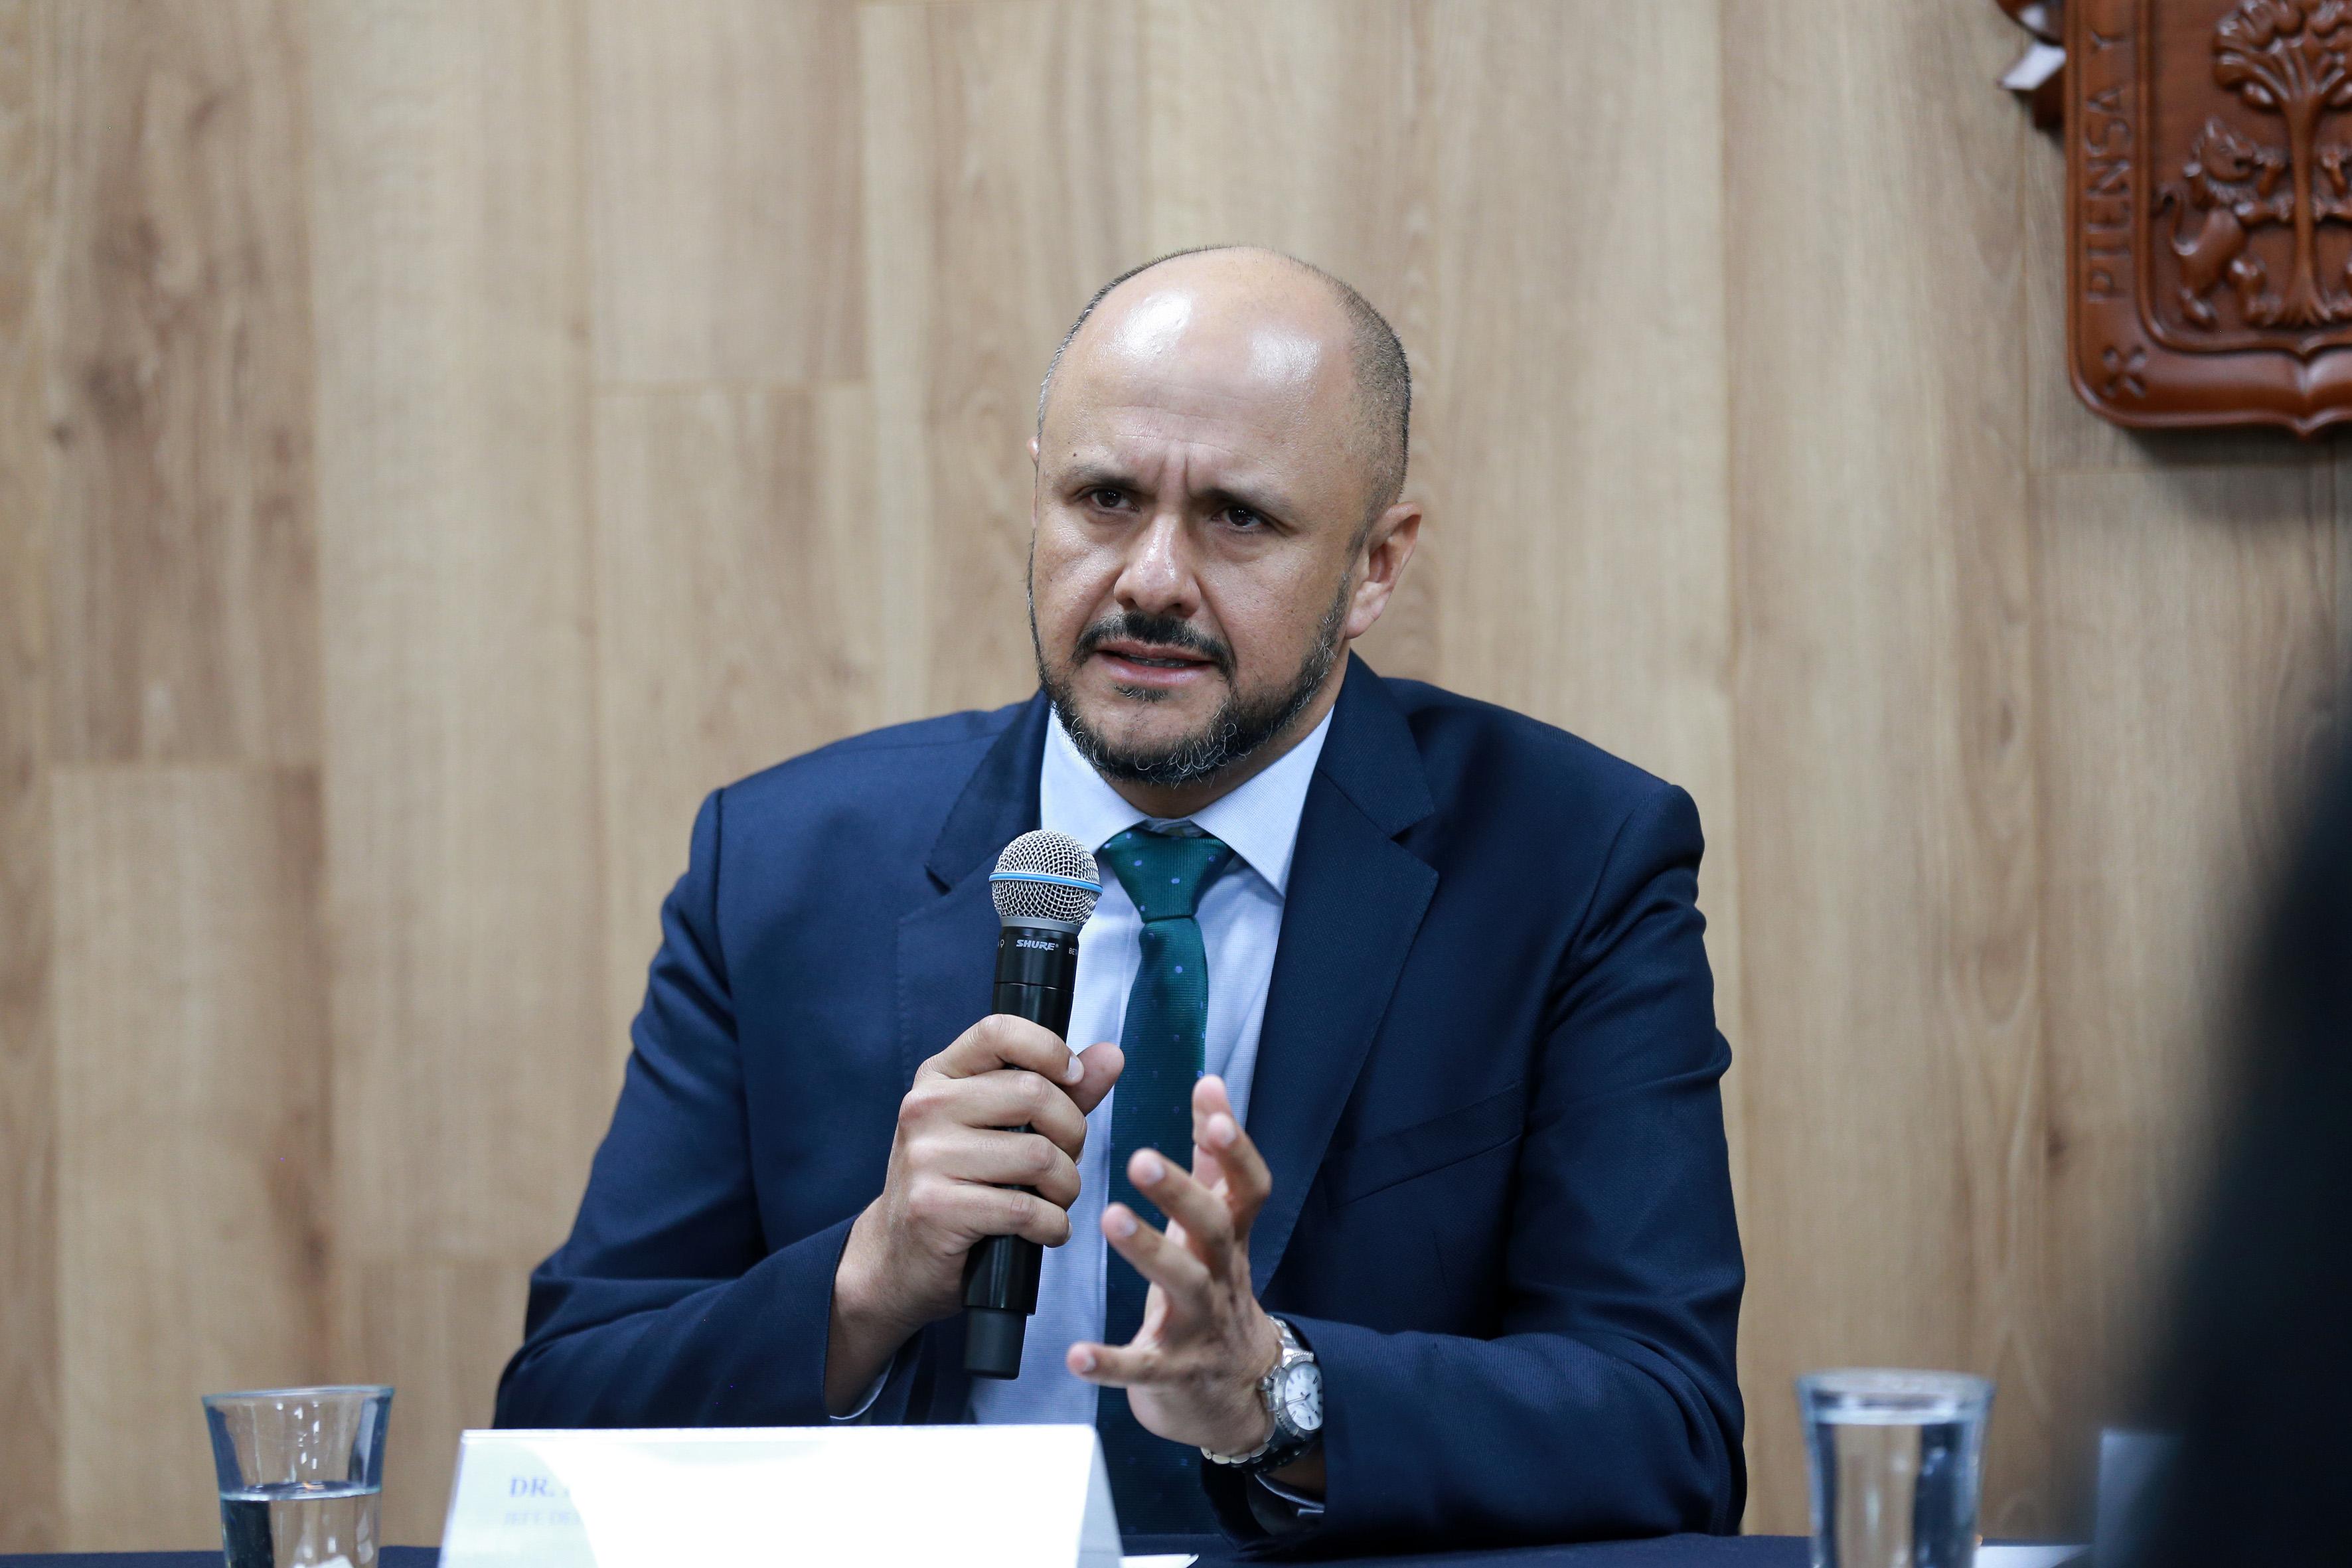 Dr. Rodrigo Mercado Pimentel exponiendo durante la rueda de prensa, foto individual